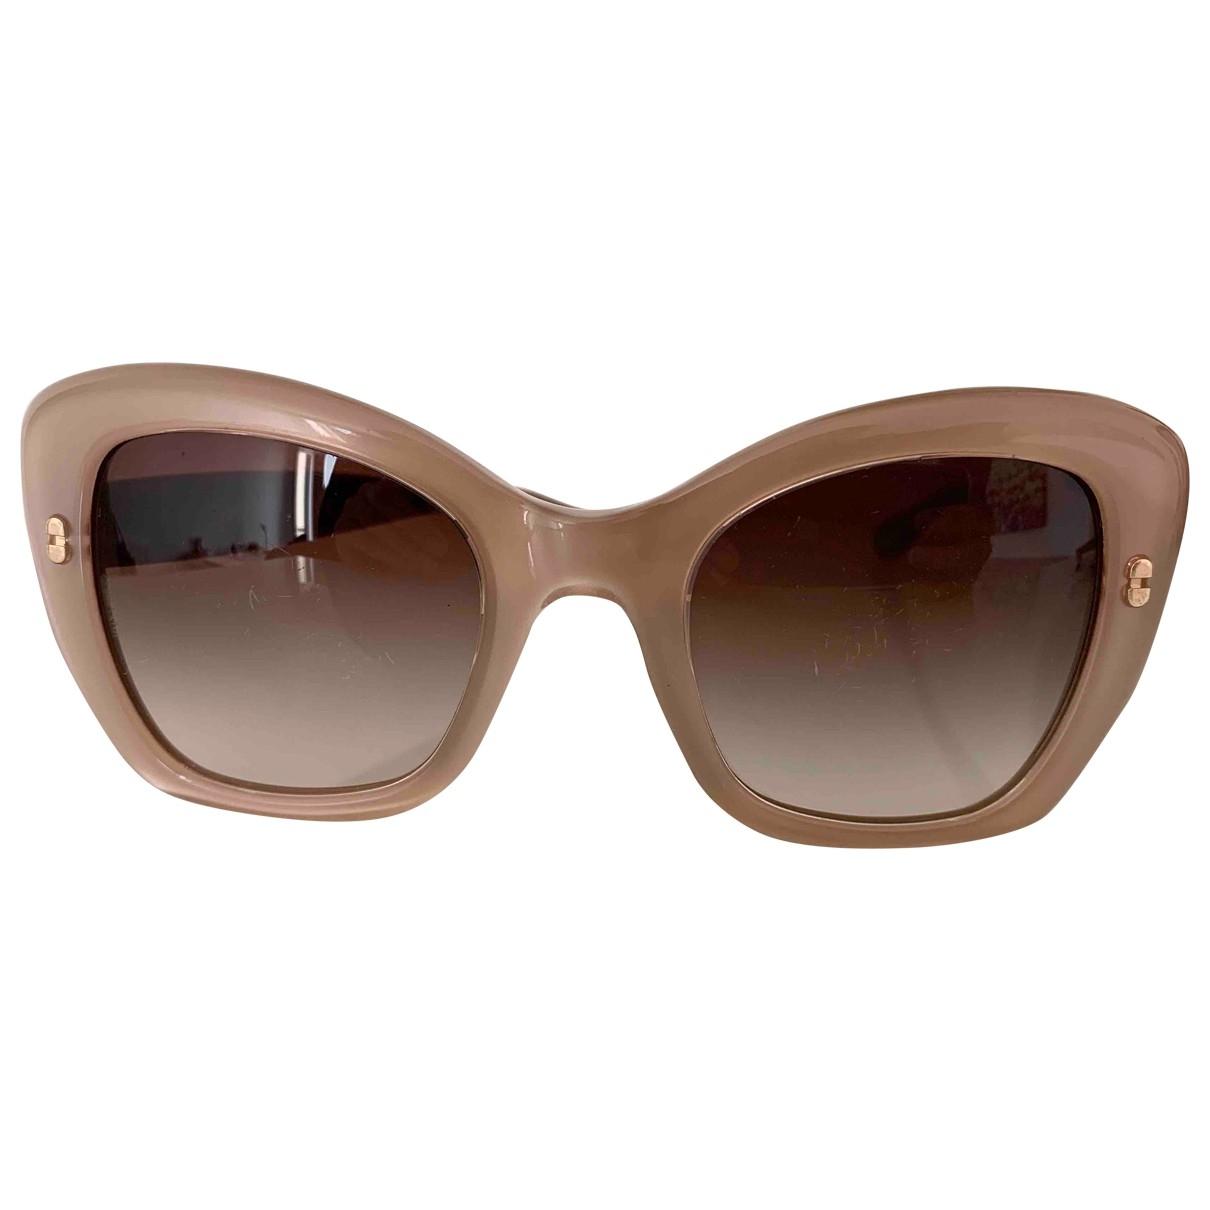 Dolce & Gabbana - Lunettes   pour femme - beige